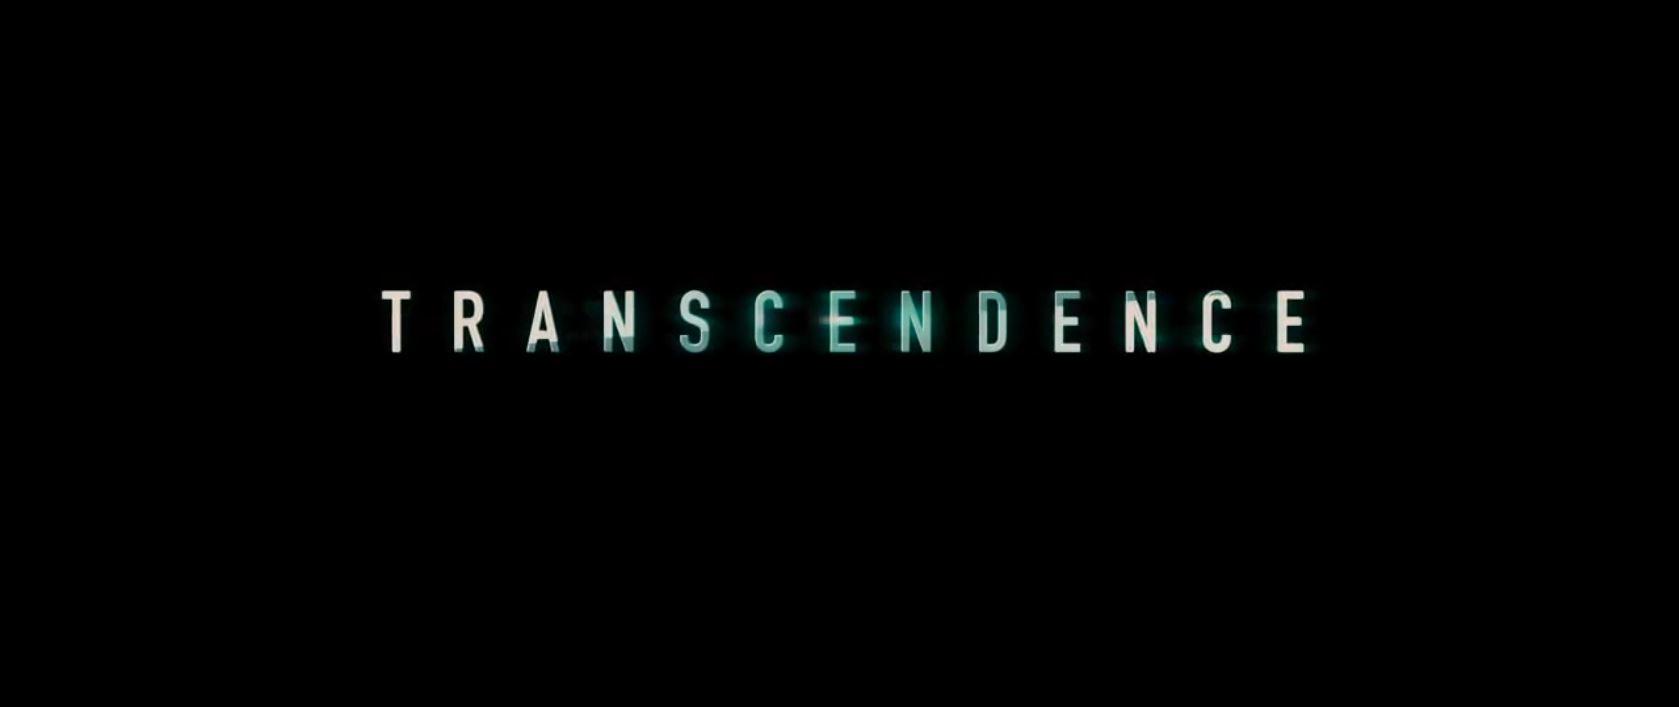 transcendence movie - Logo